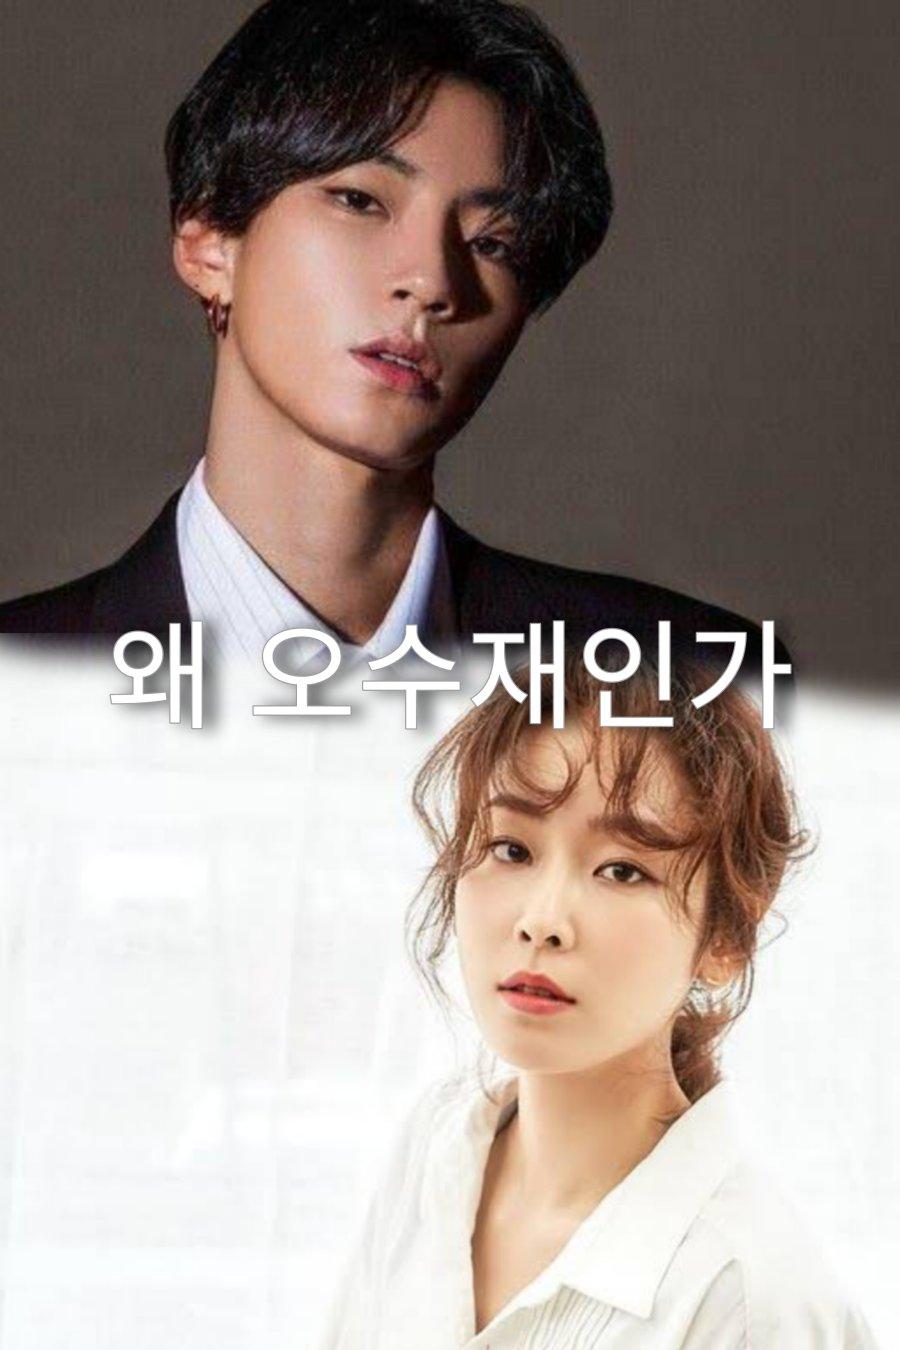 Tại Sao Lại Là Oh Soo Jae?